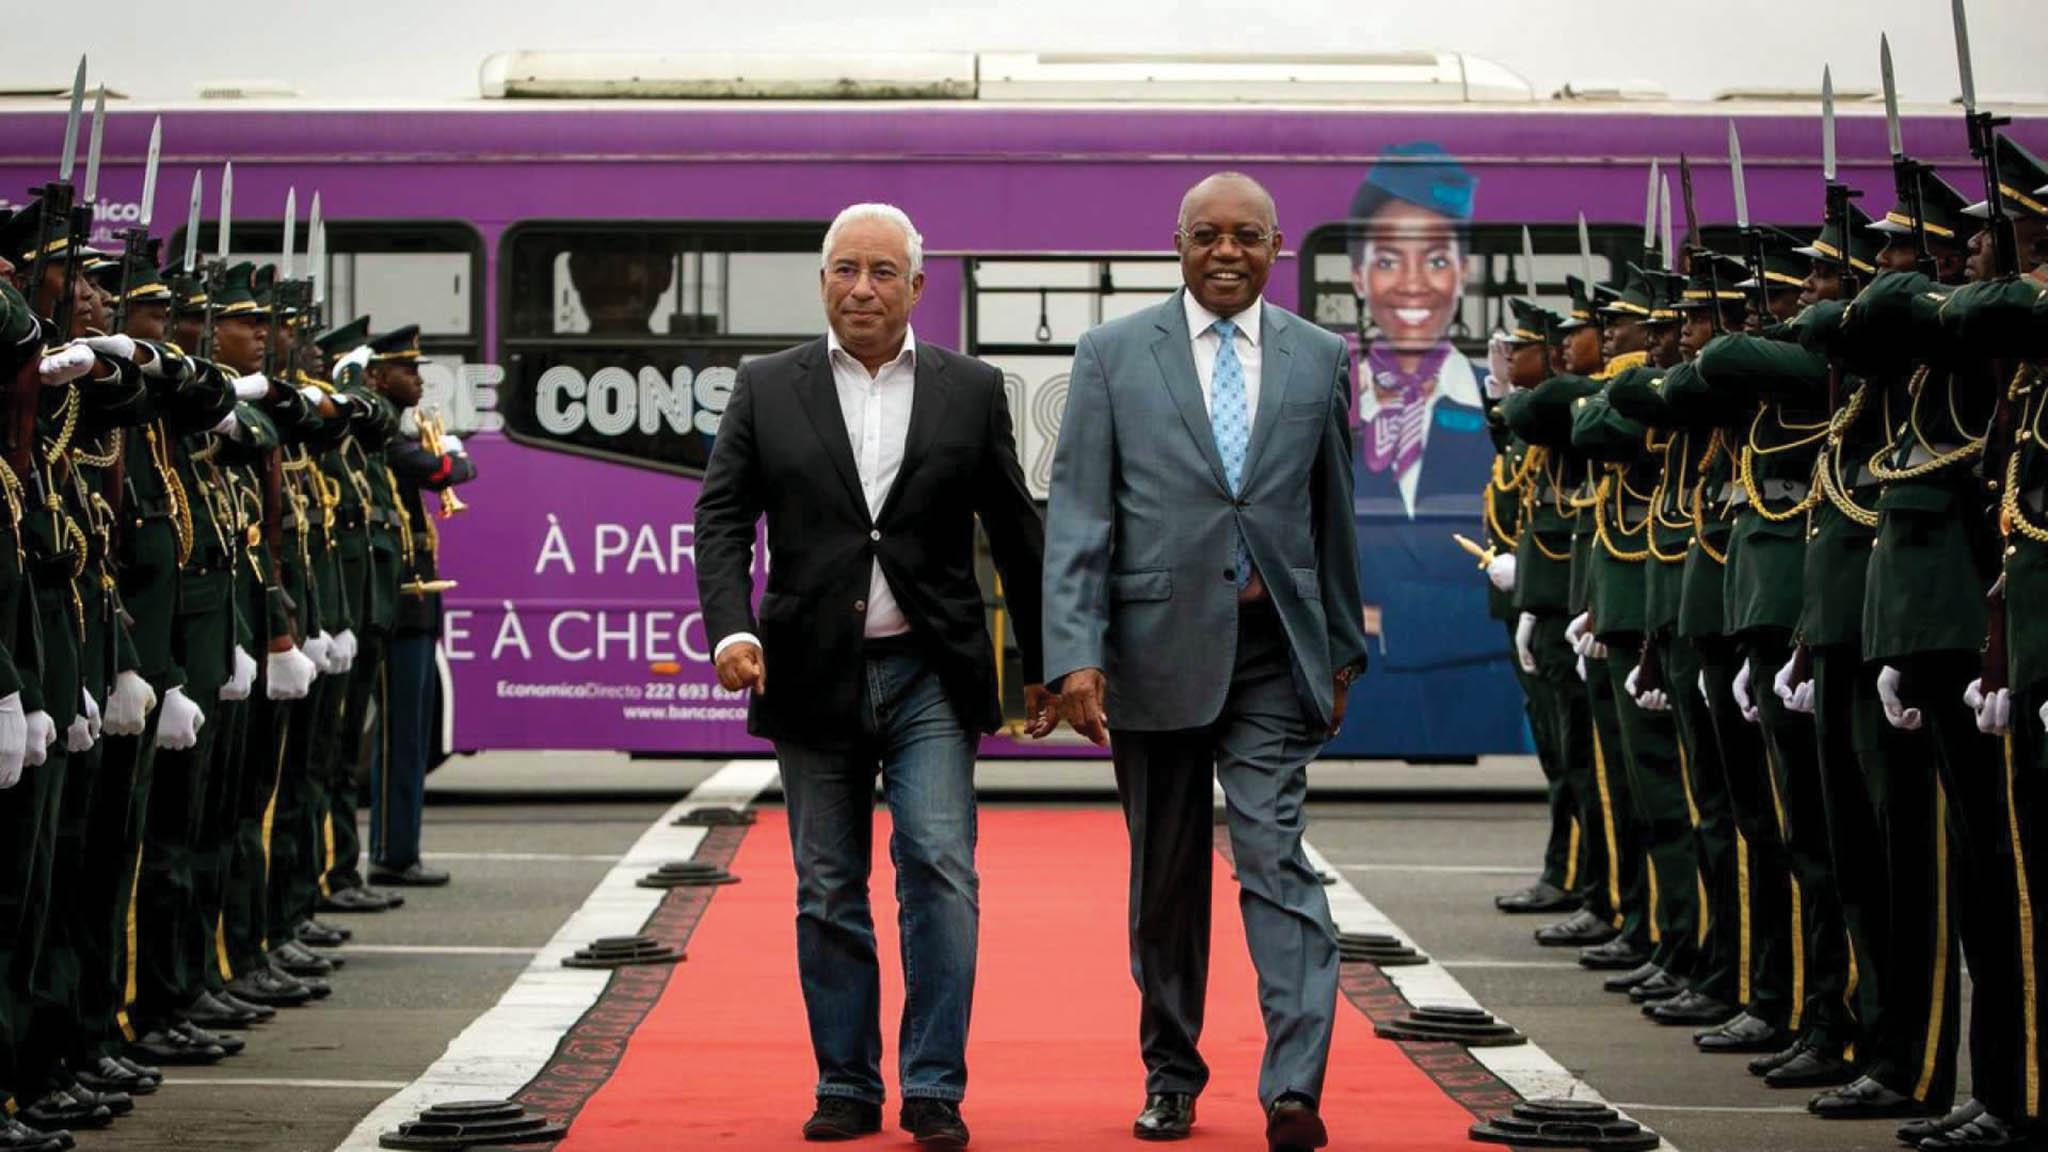 Costa diz que visitas de alto nível entre os dois governos têm de intensificar-se